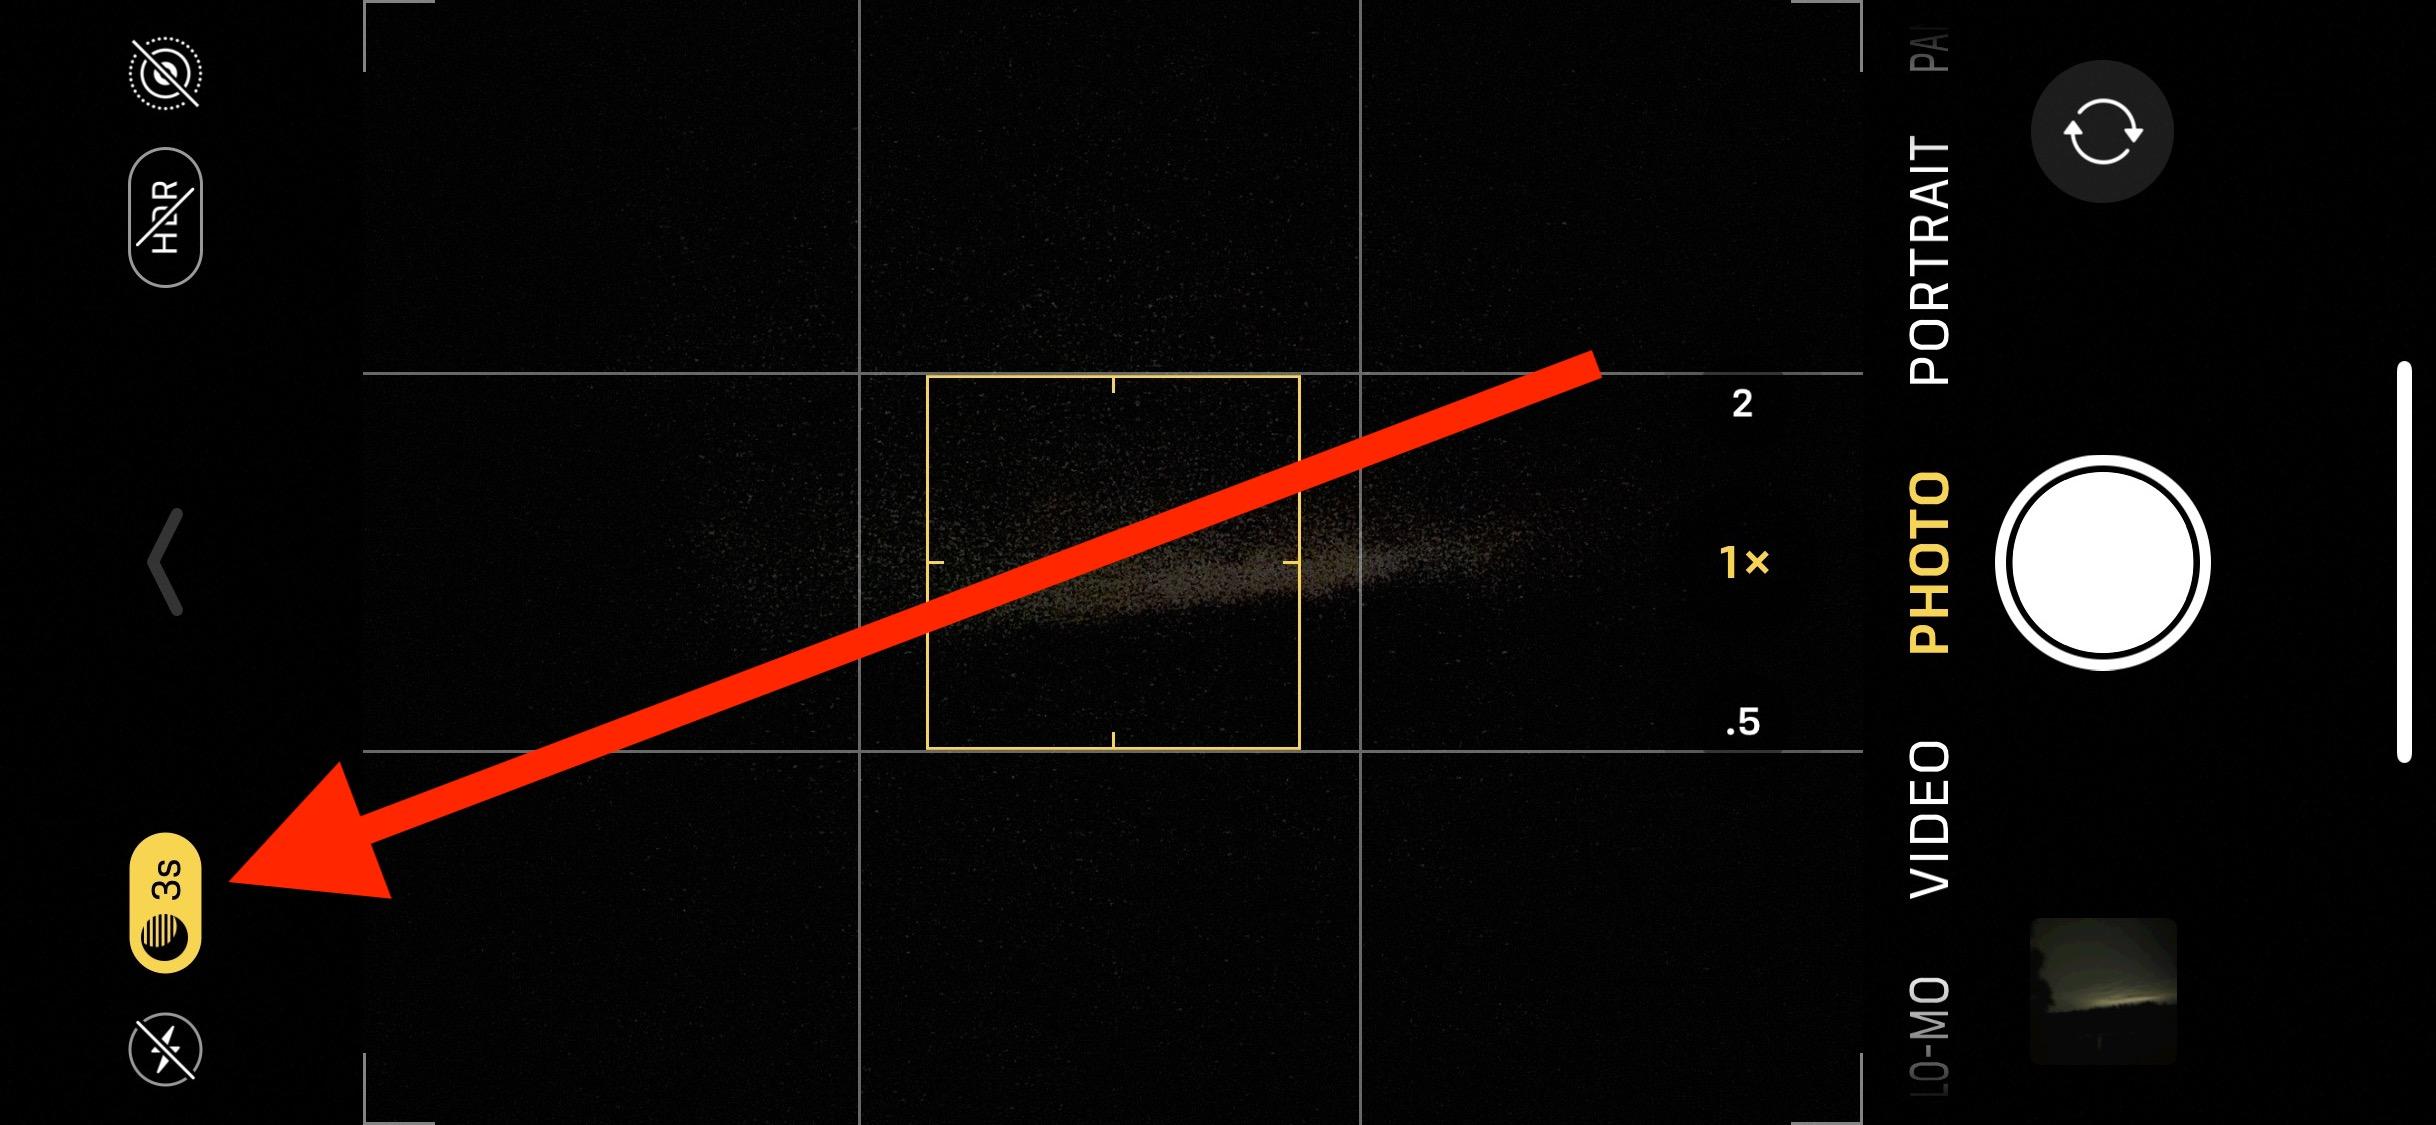 Cómo ajustar la duración de la exposición de la cámara en modo nocturno en iPhone 11 Pro y iPhone 11